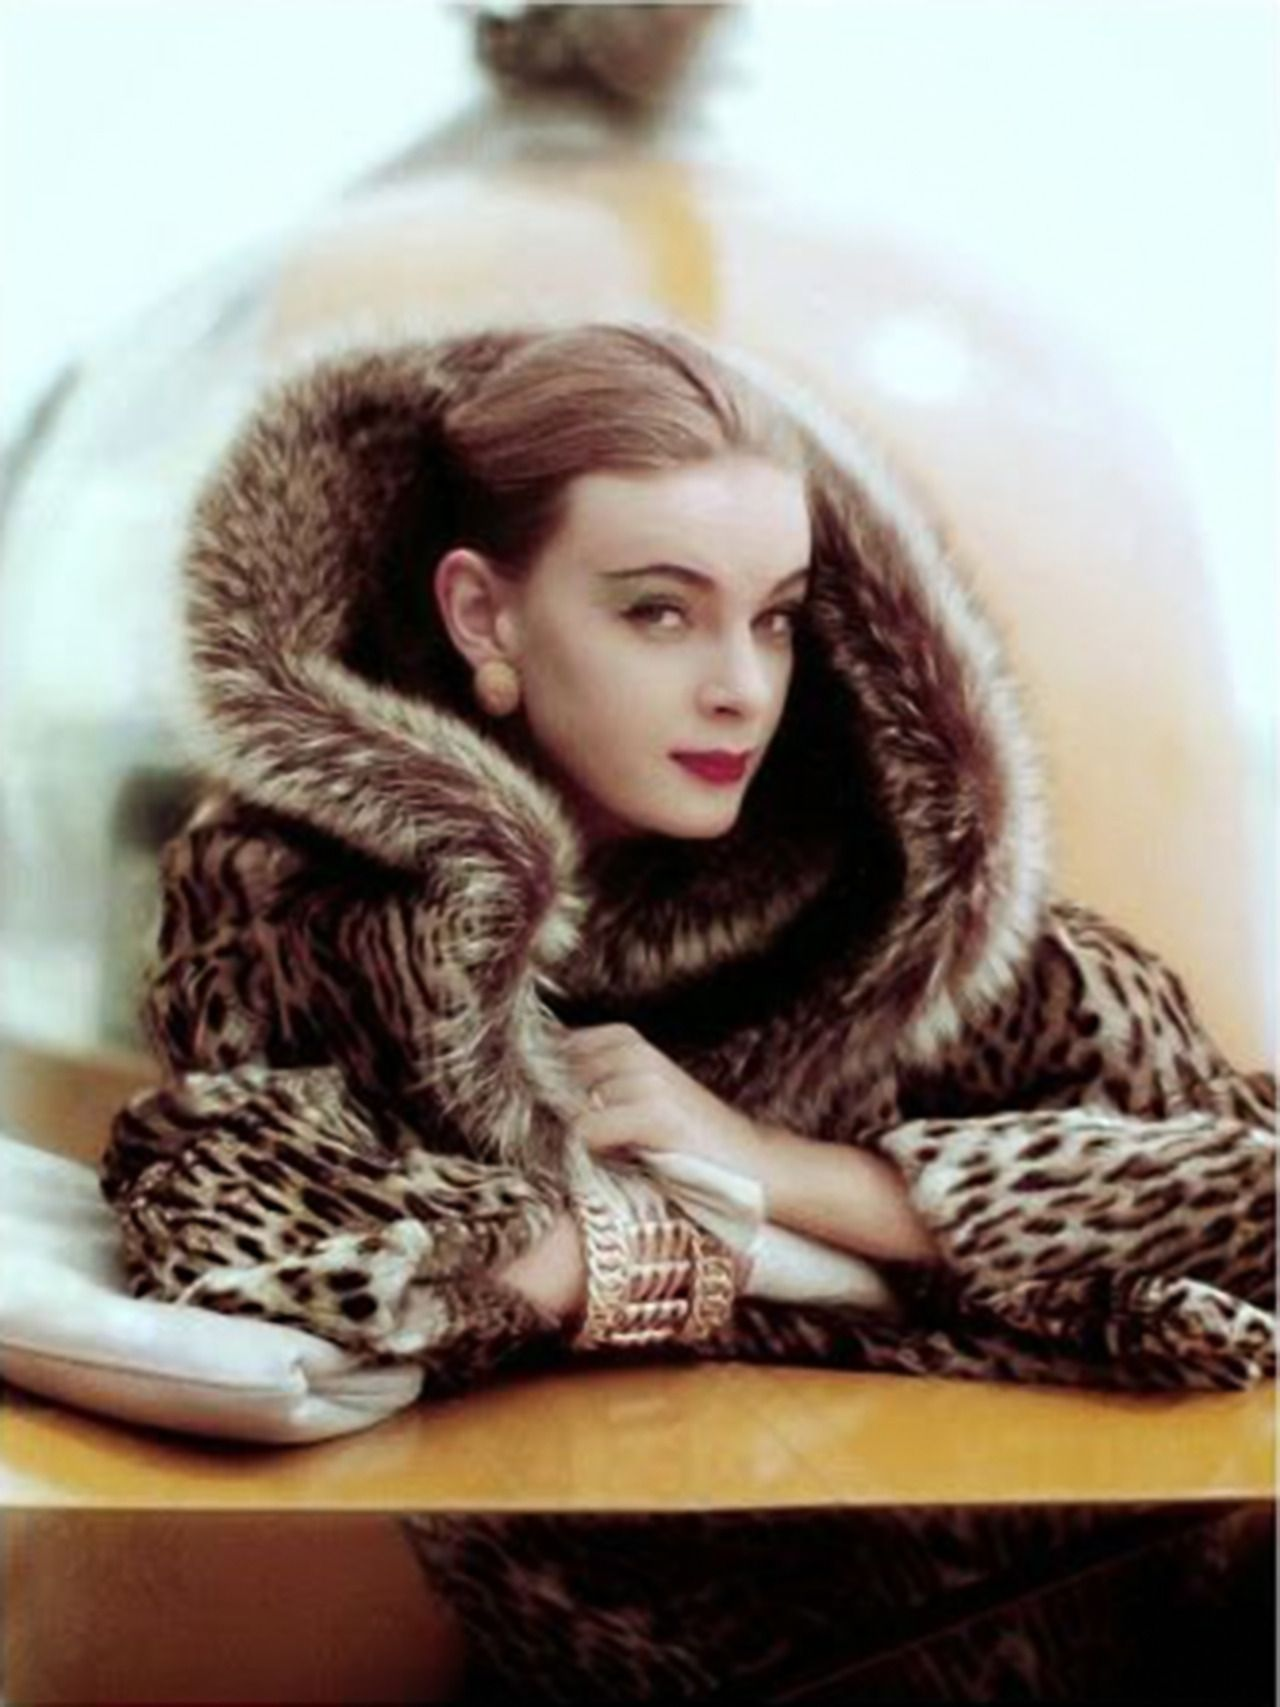 Nena von Schlebrugge, photo by Norman Parkinson, Vogue cover, September 1958